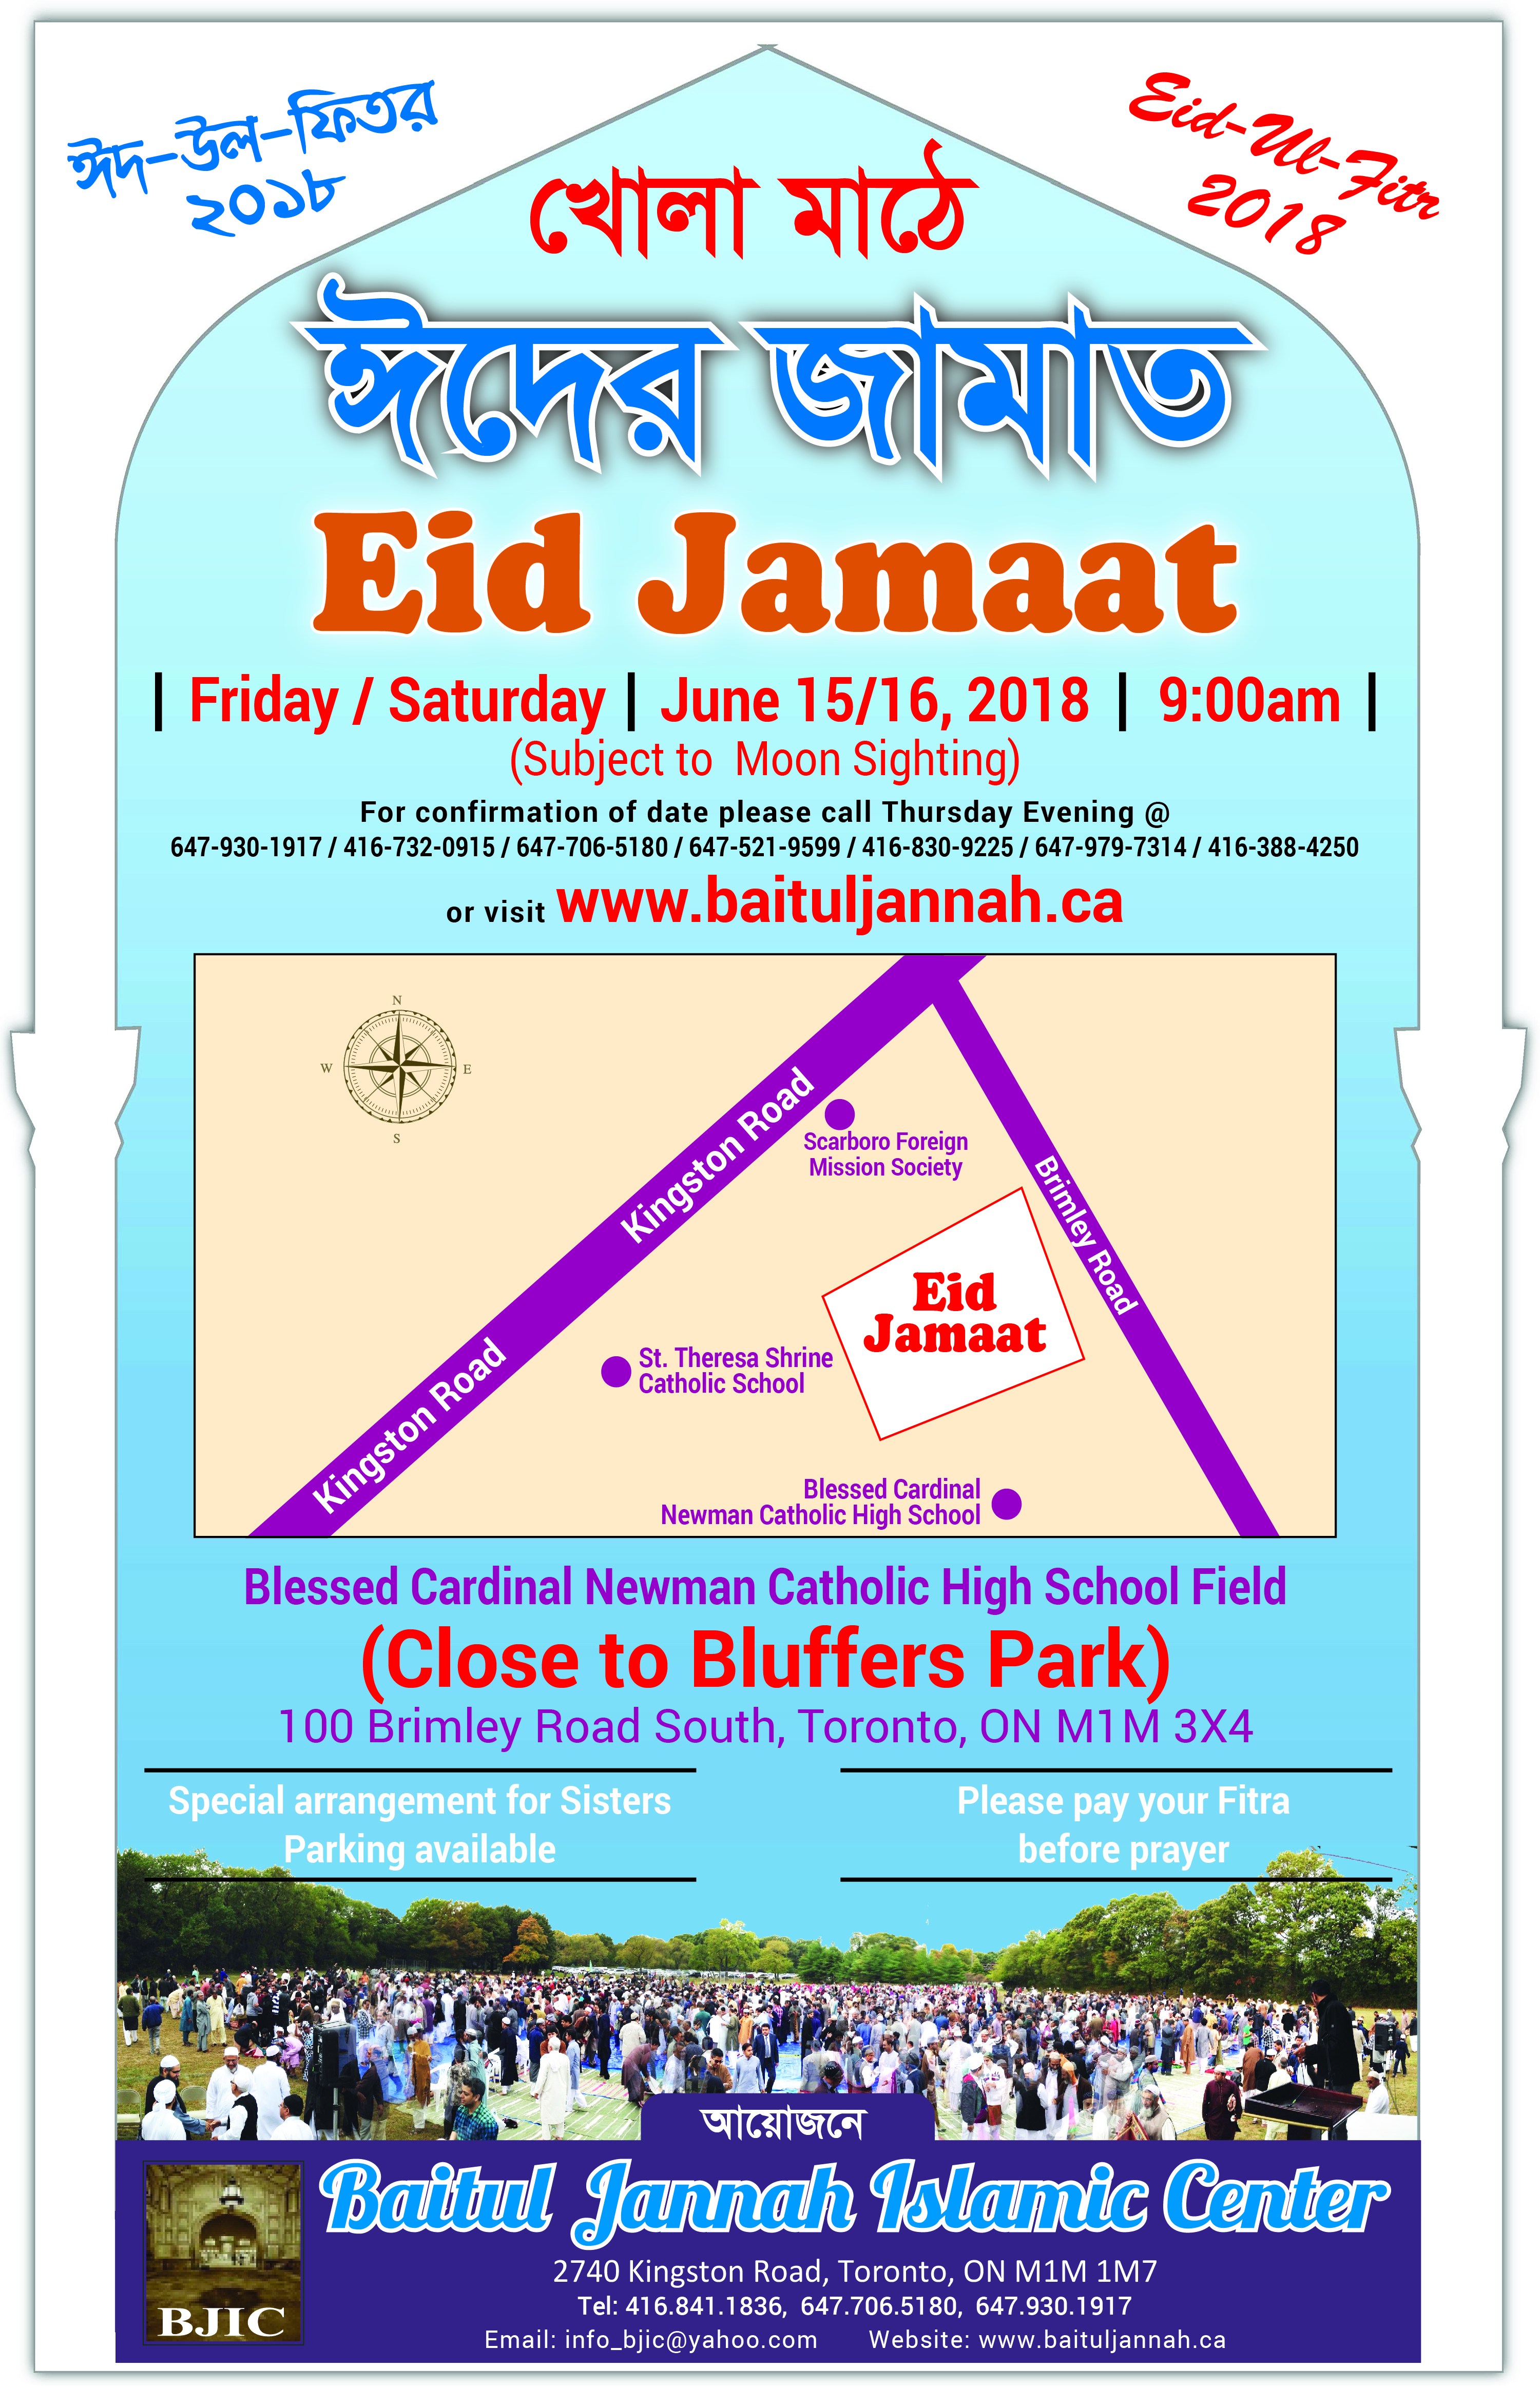 Baitul Jannah Islamic Center